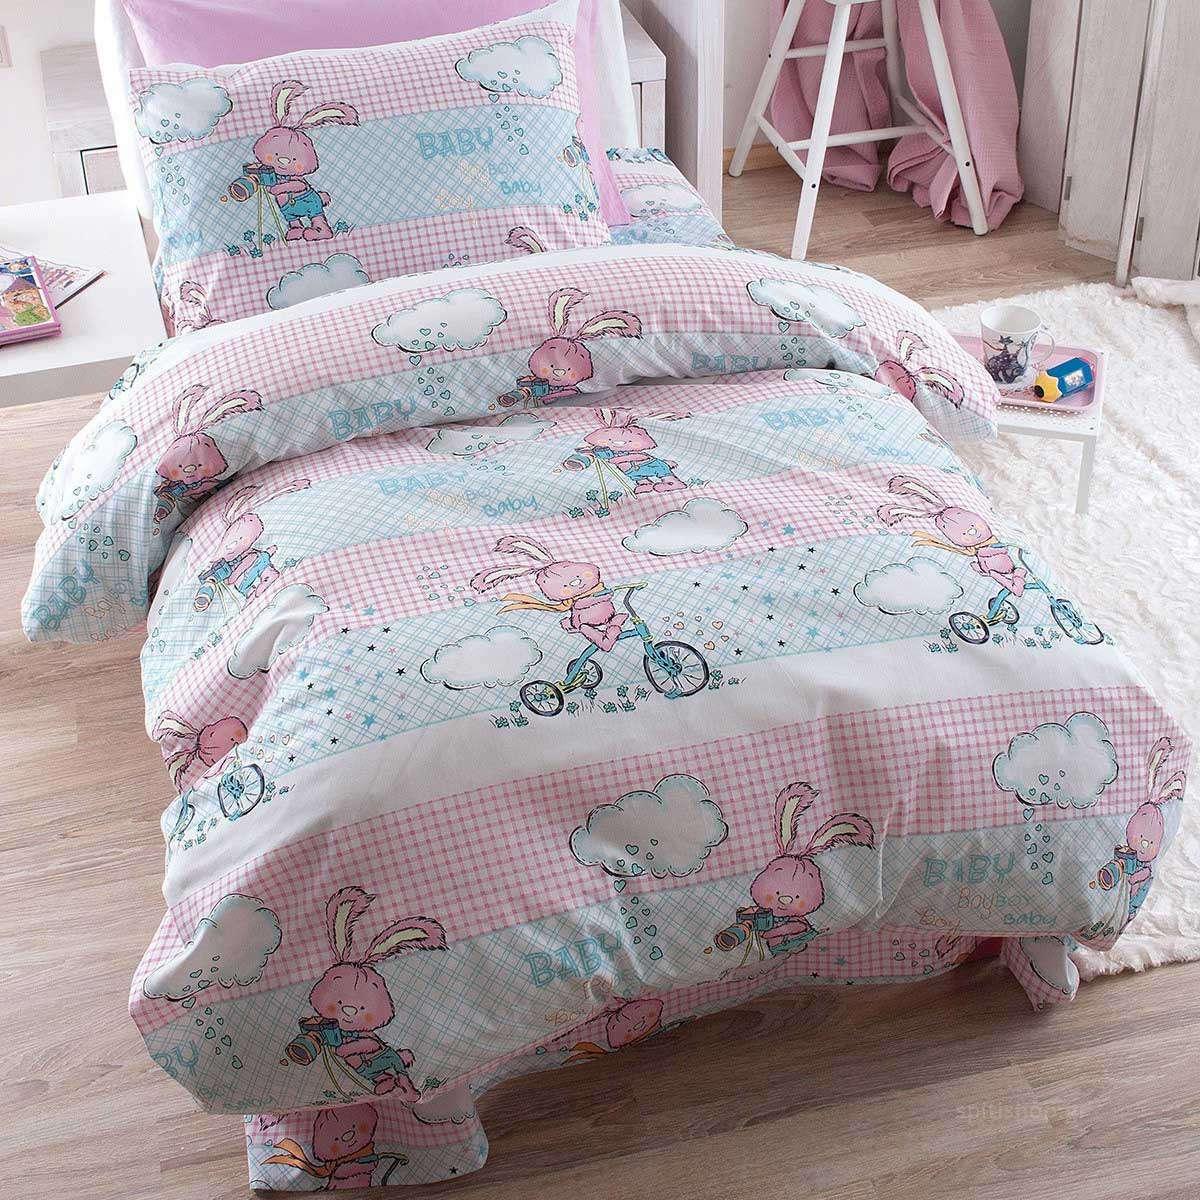 Σετ Σεντόνια Παιδικά Με Λάστιχο Fluffy Pink Ρυθμός Μονό 105x205cm